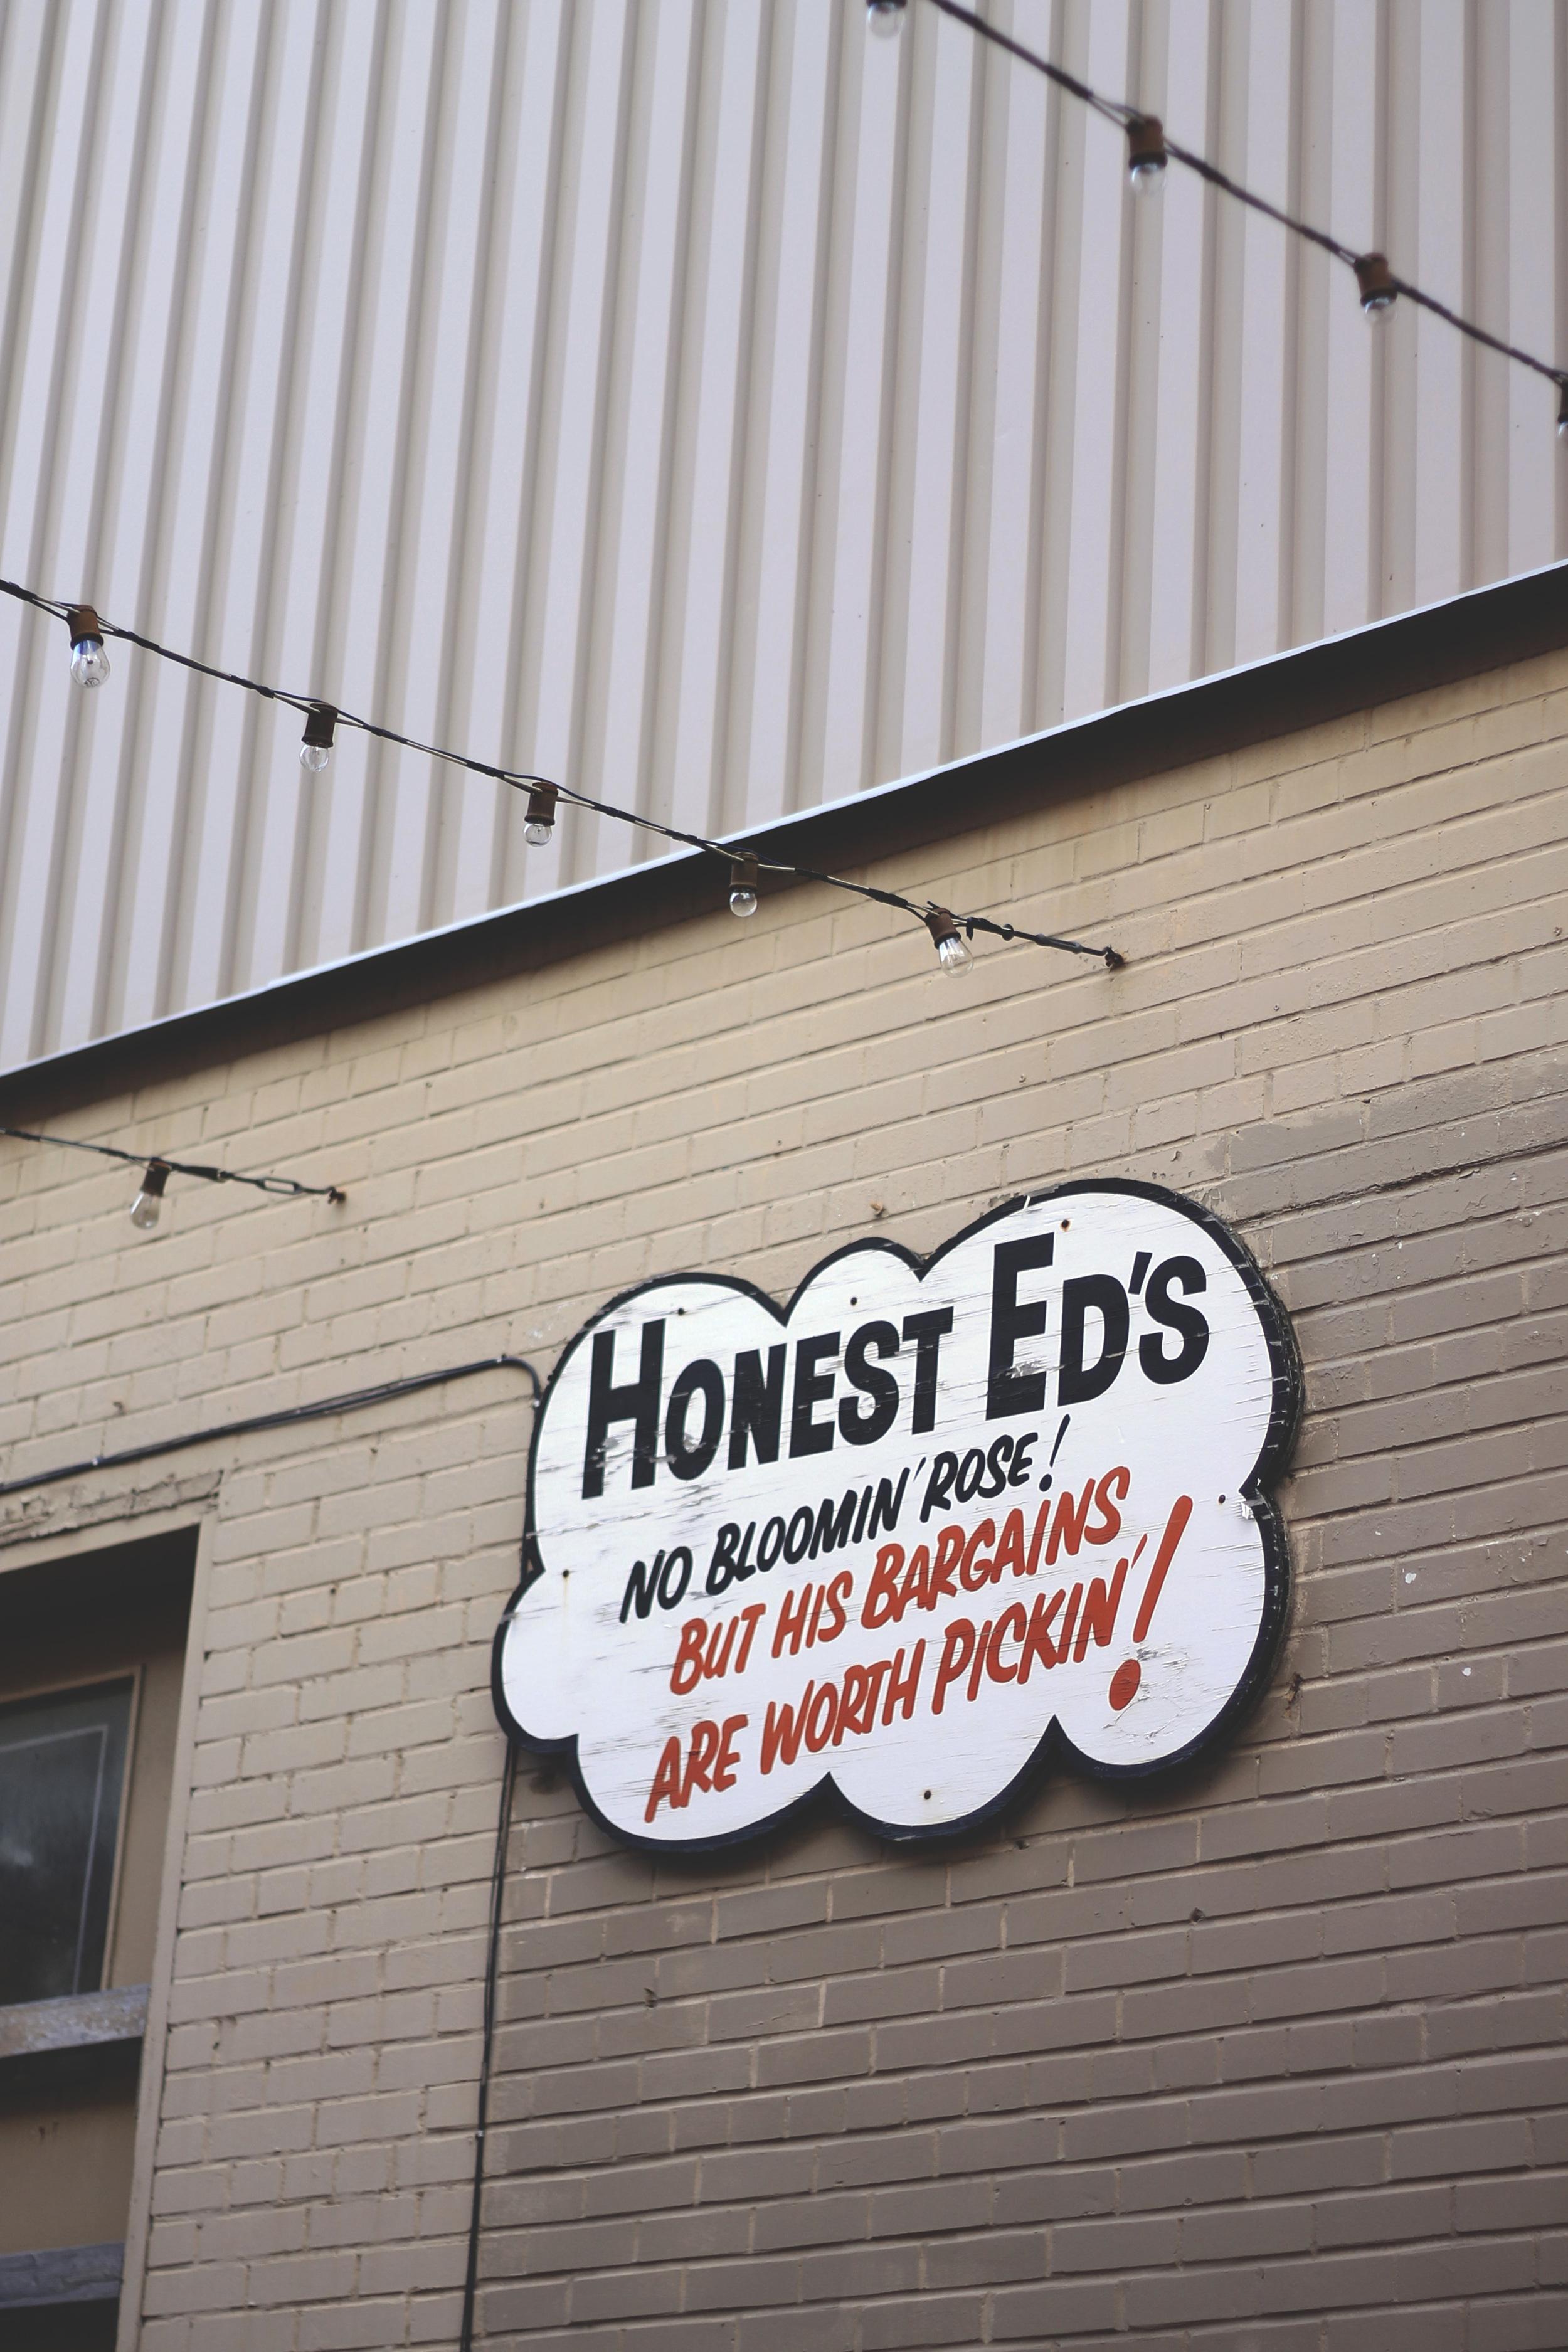 honest ed's rose pickin sign alley toronto landmark